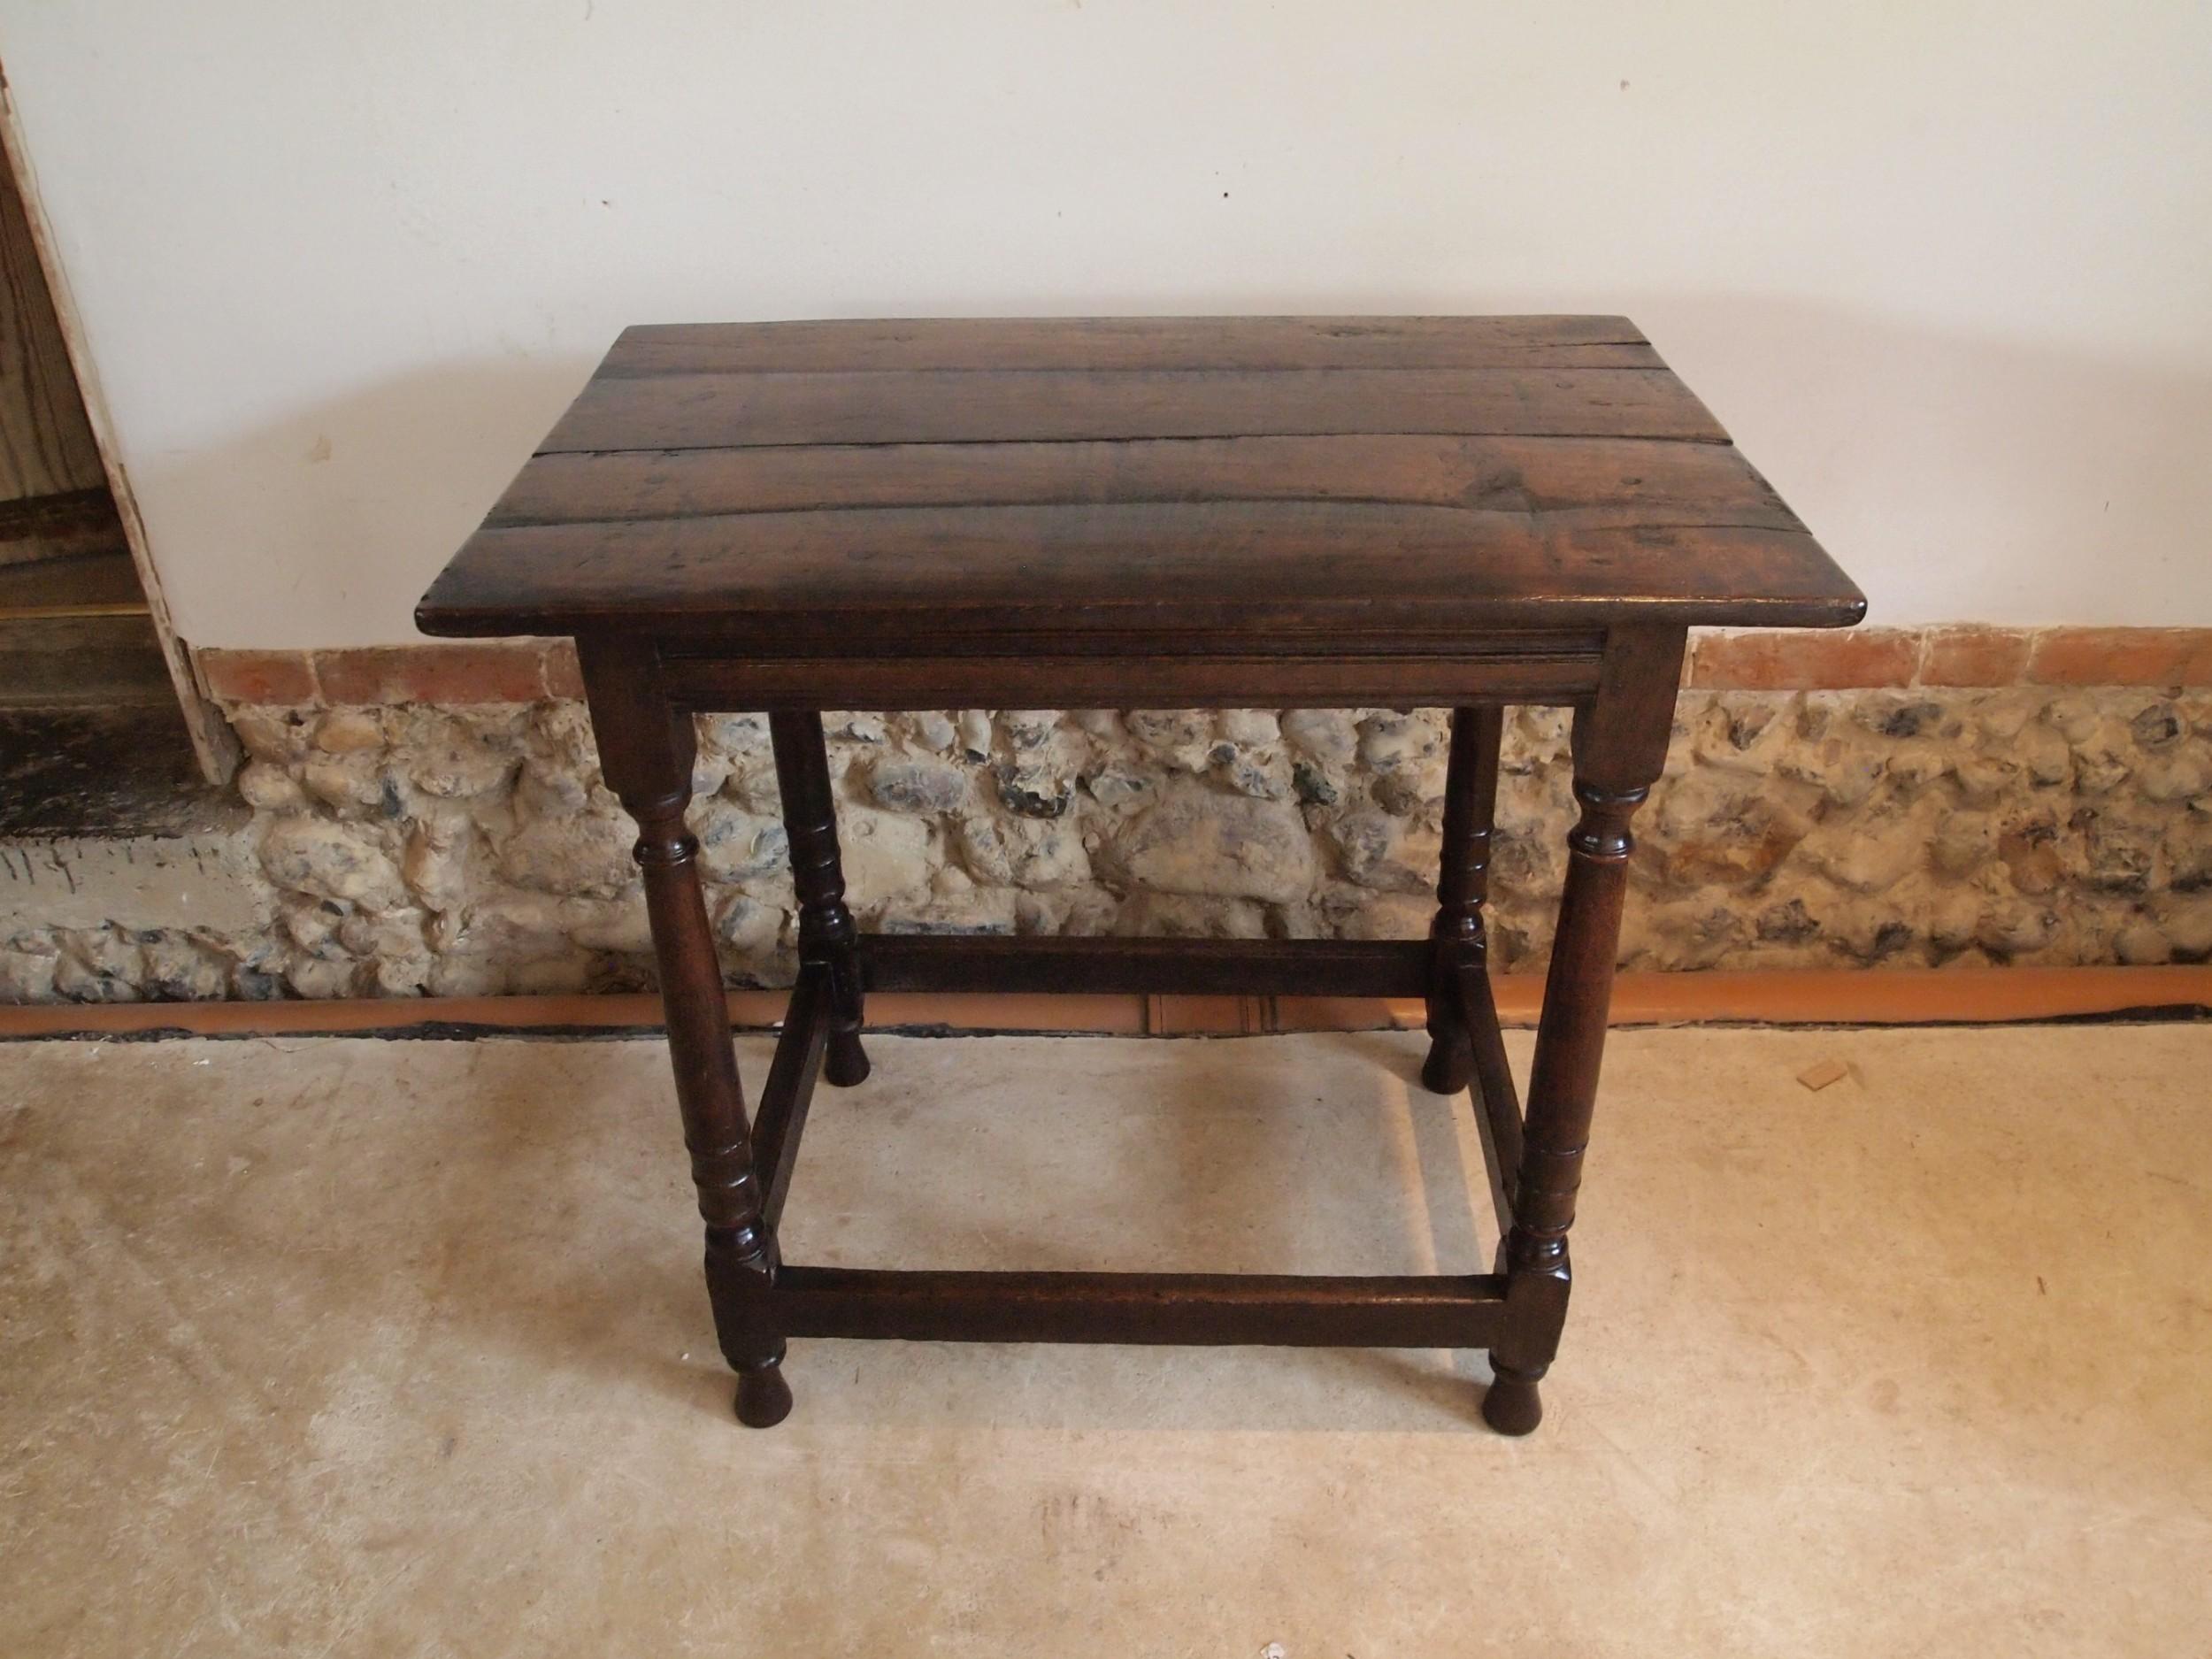 table queen anne oak side hall lamp c1700